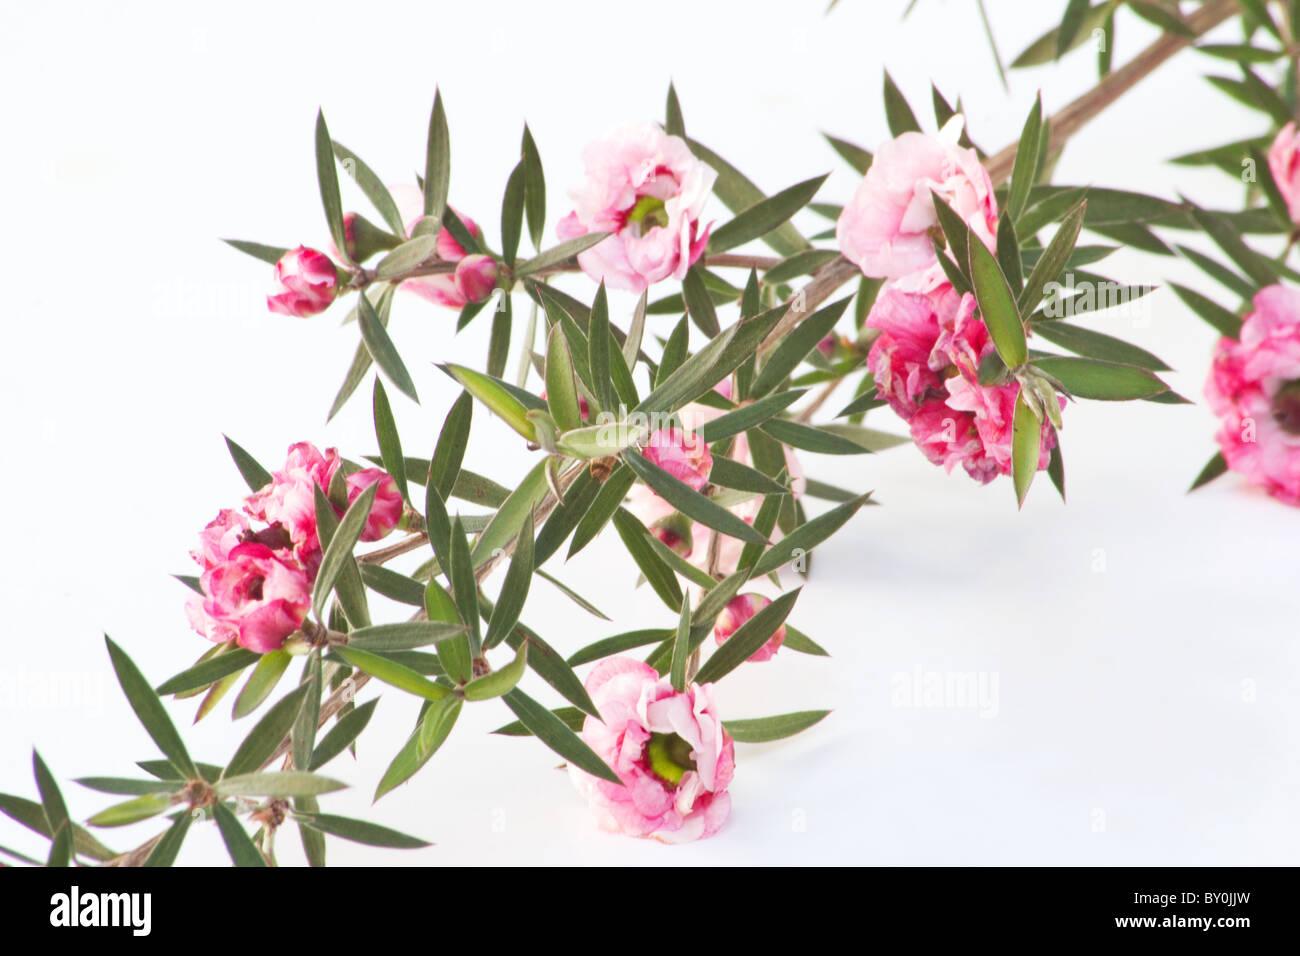 Close-up of Manuka (leptospermum scoparium) flowers on white background - Stock Image